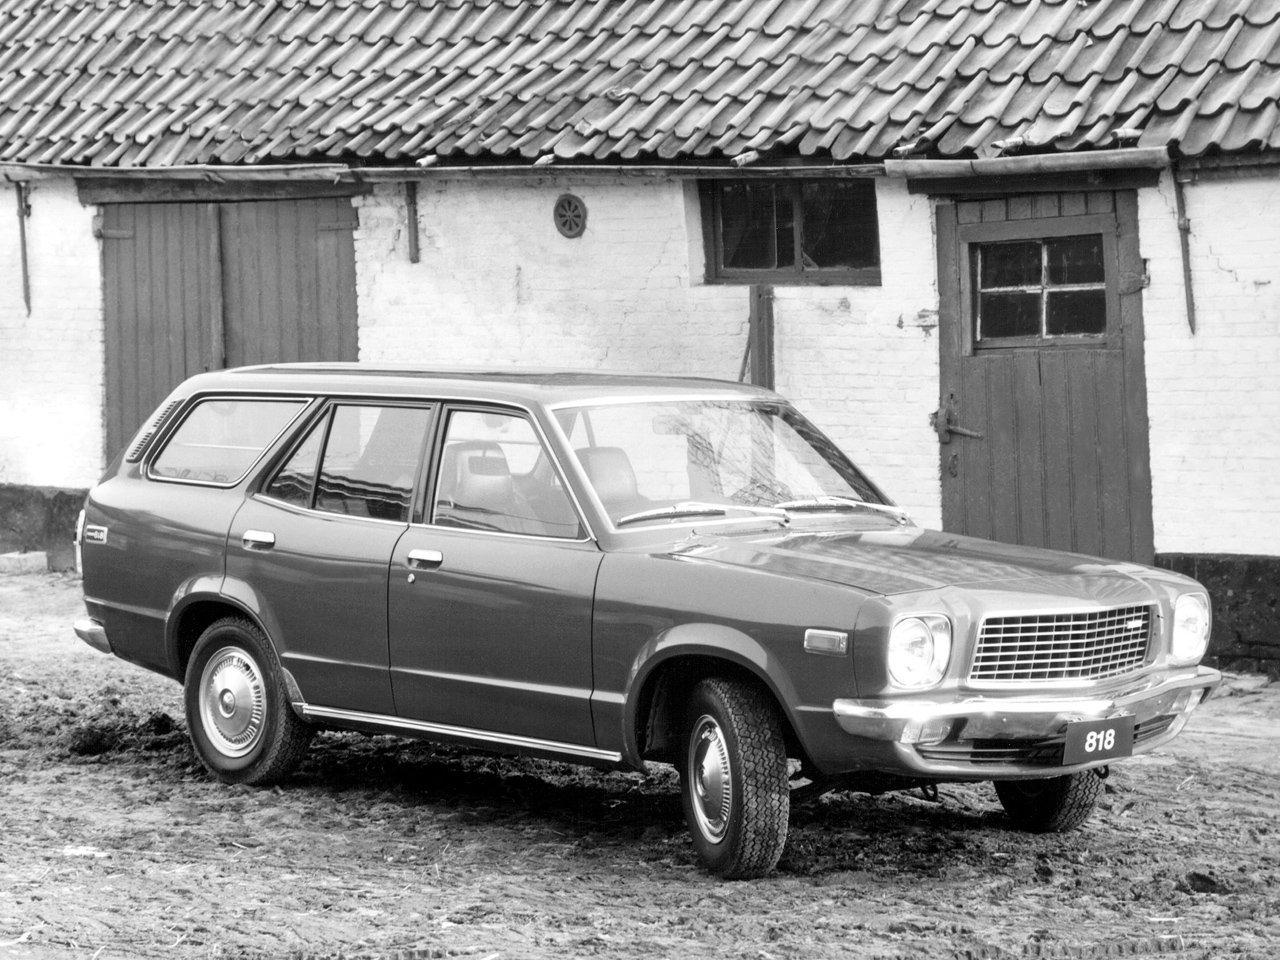 mazda Mazda 818